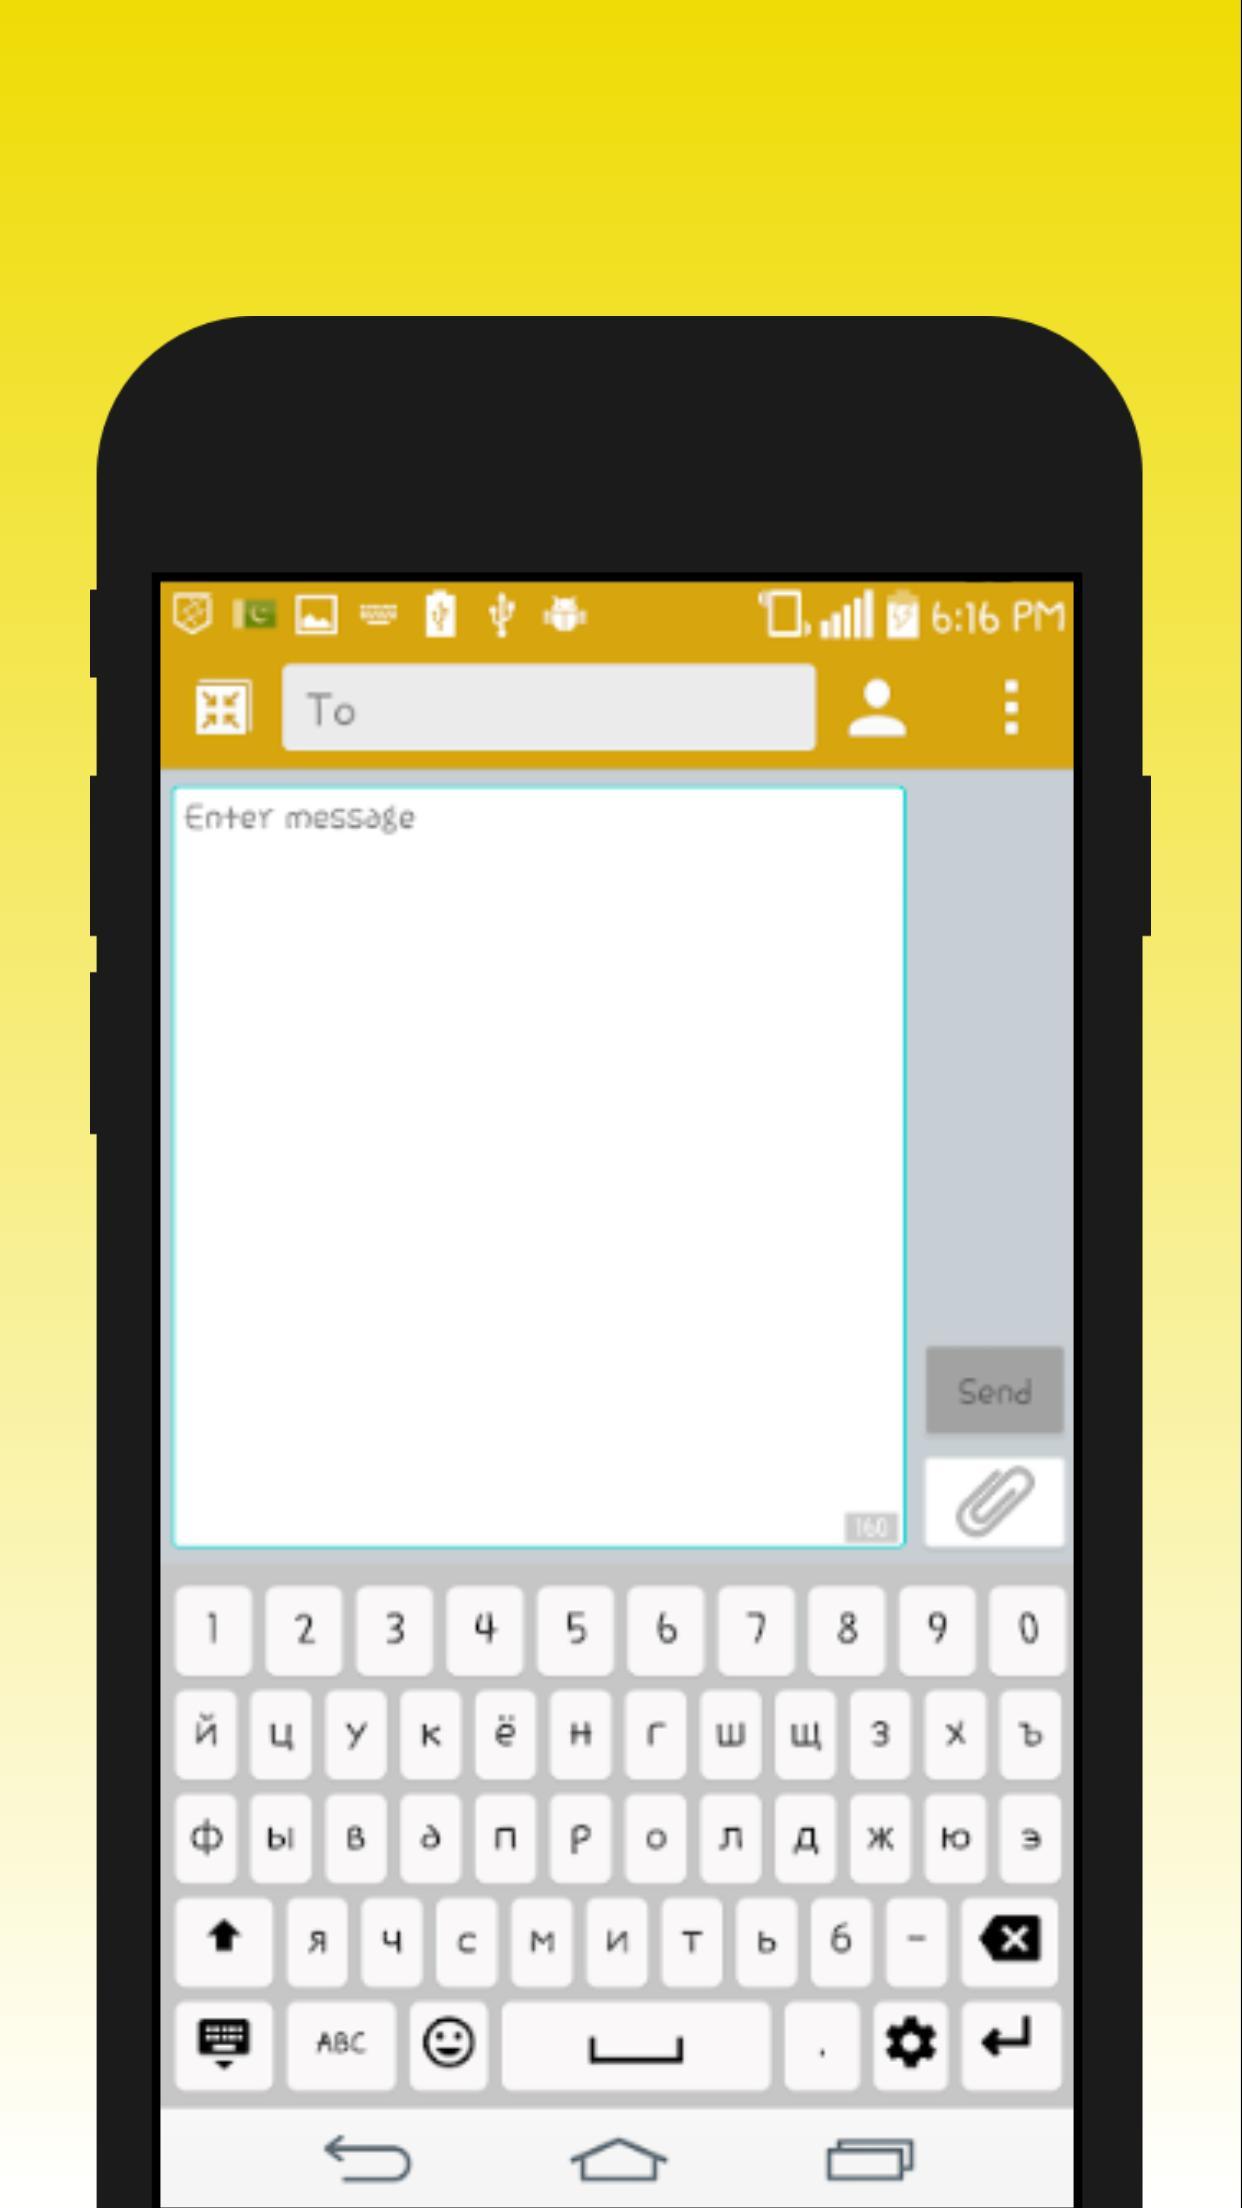 Nouveau Clavier Russe 2018: App Clavier Russe Pour Android dedans Clavier Russe En Ligne